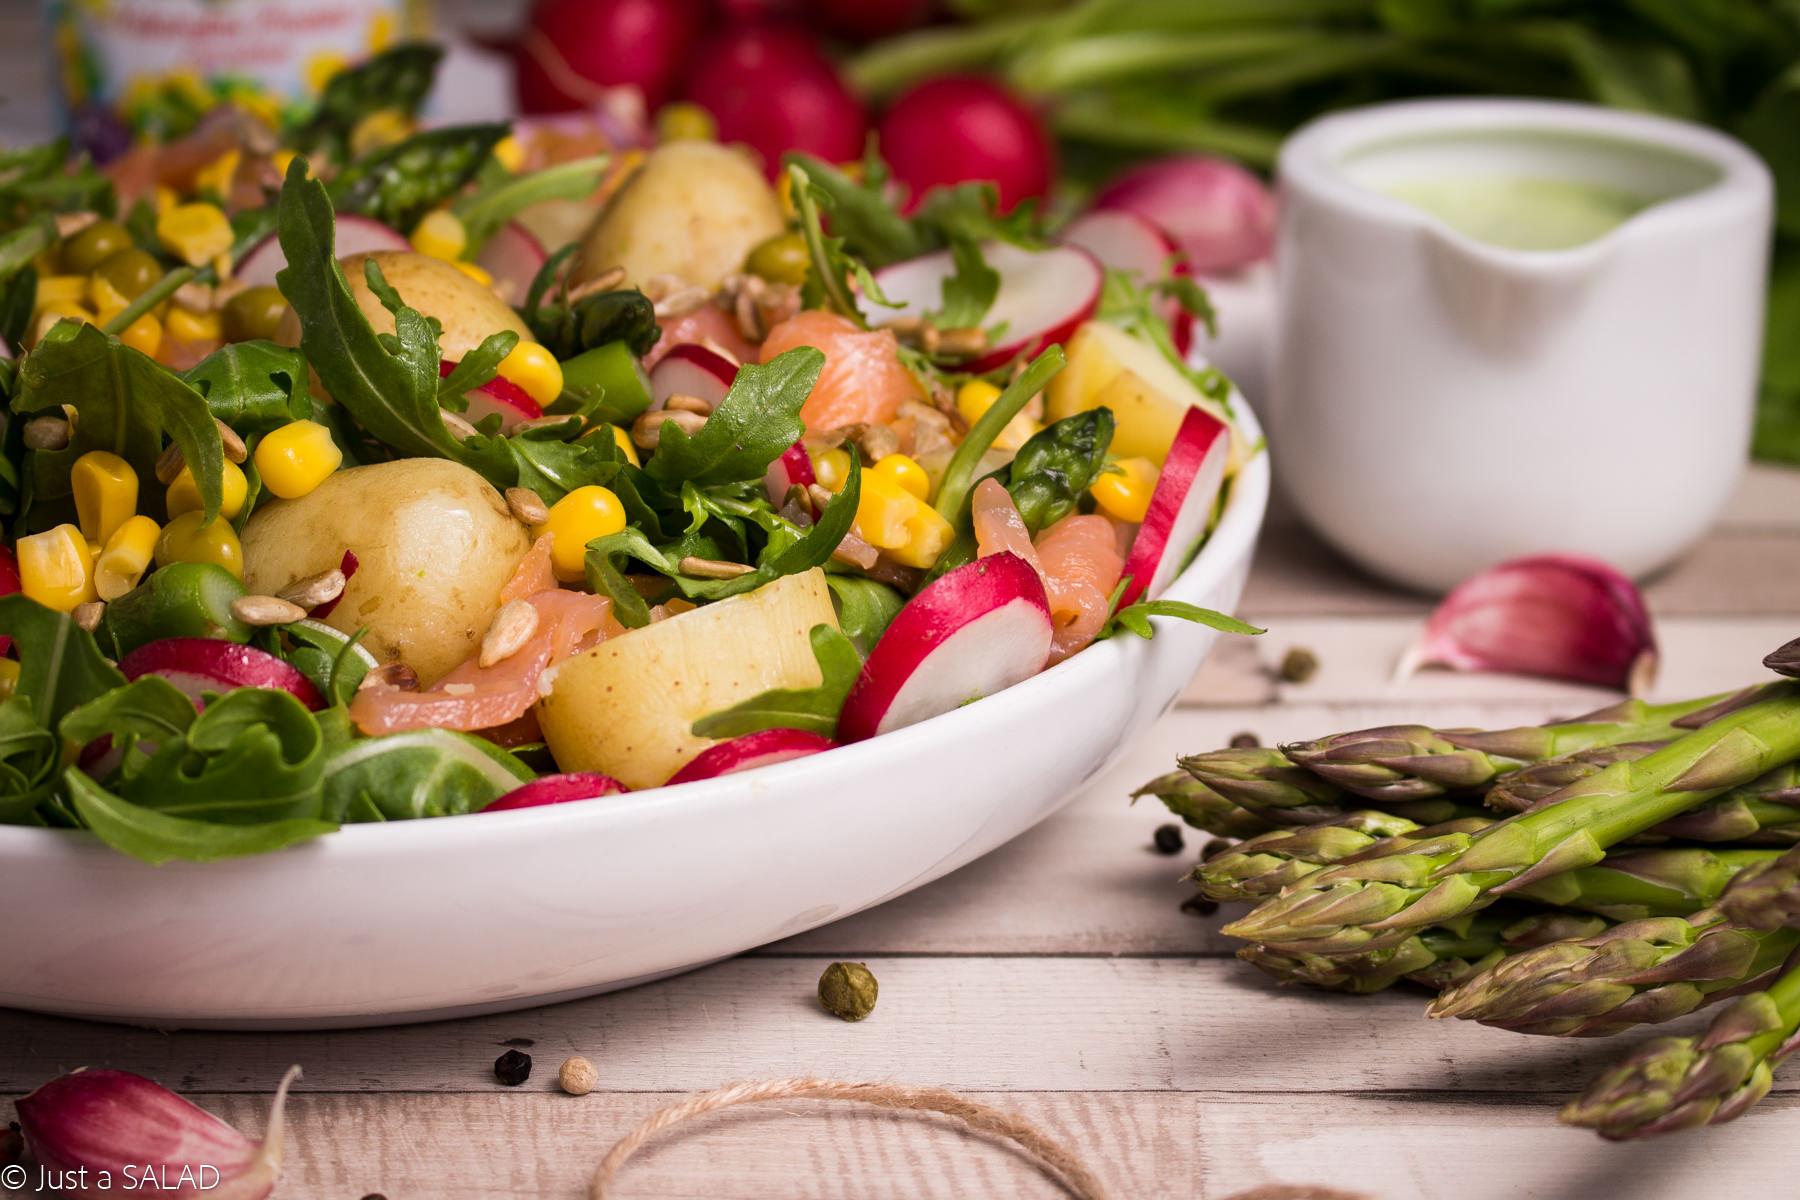 Sałatka z ziemniakami, szparagami, rzodkiewką, łosiem wędzonym oraz kukurydzą i groszkiem Bonduelle z sosem z liści rzodkiewki.